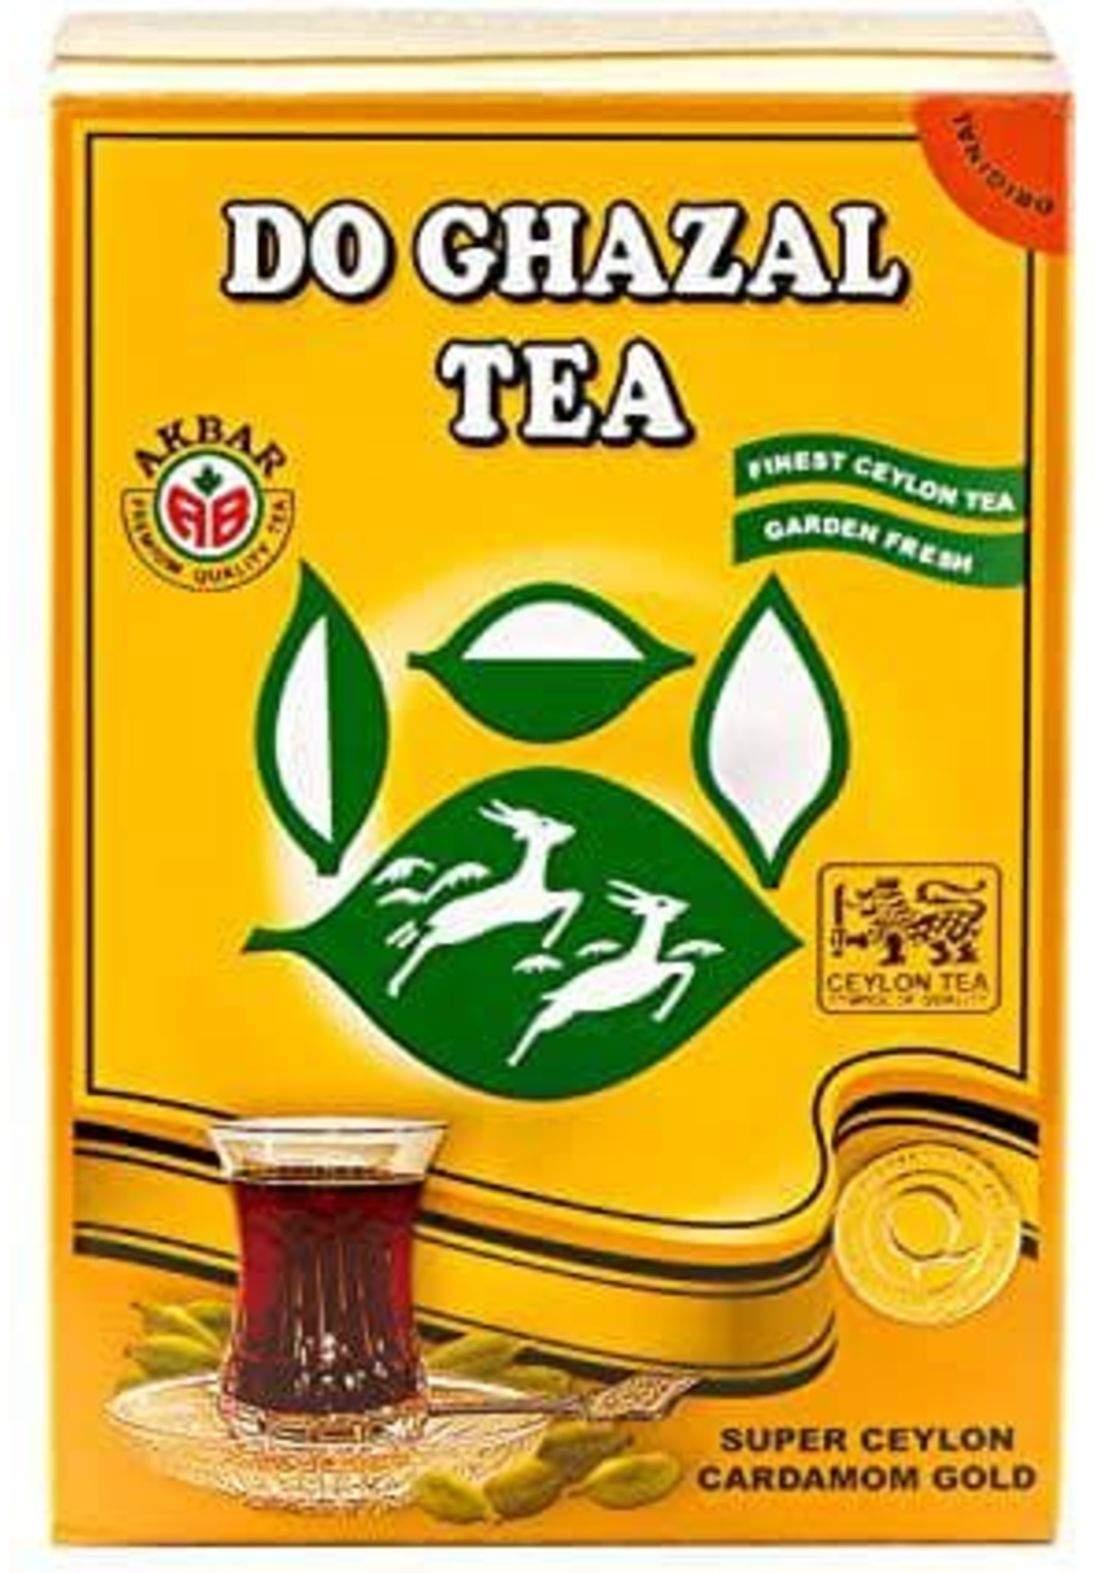 Alchazaleen tea 400g شاي الغزالين